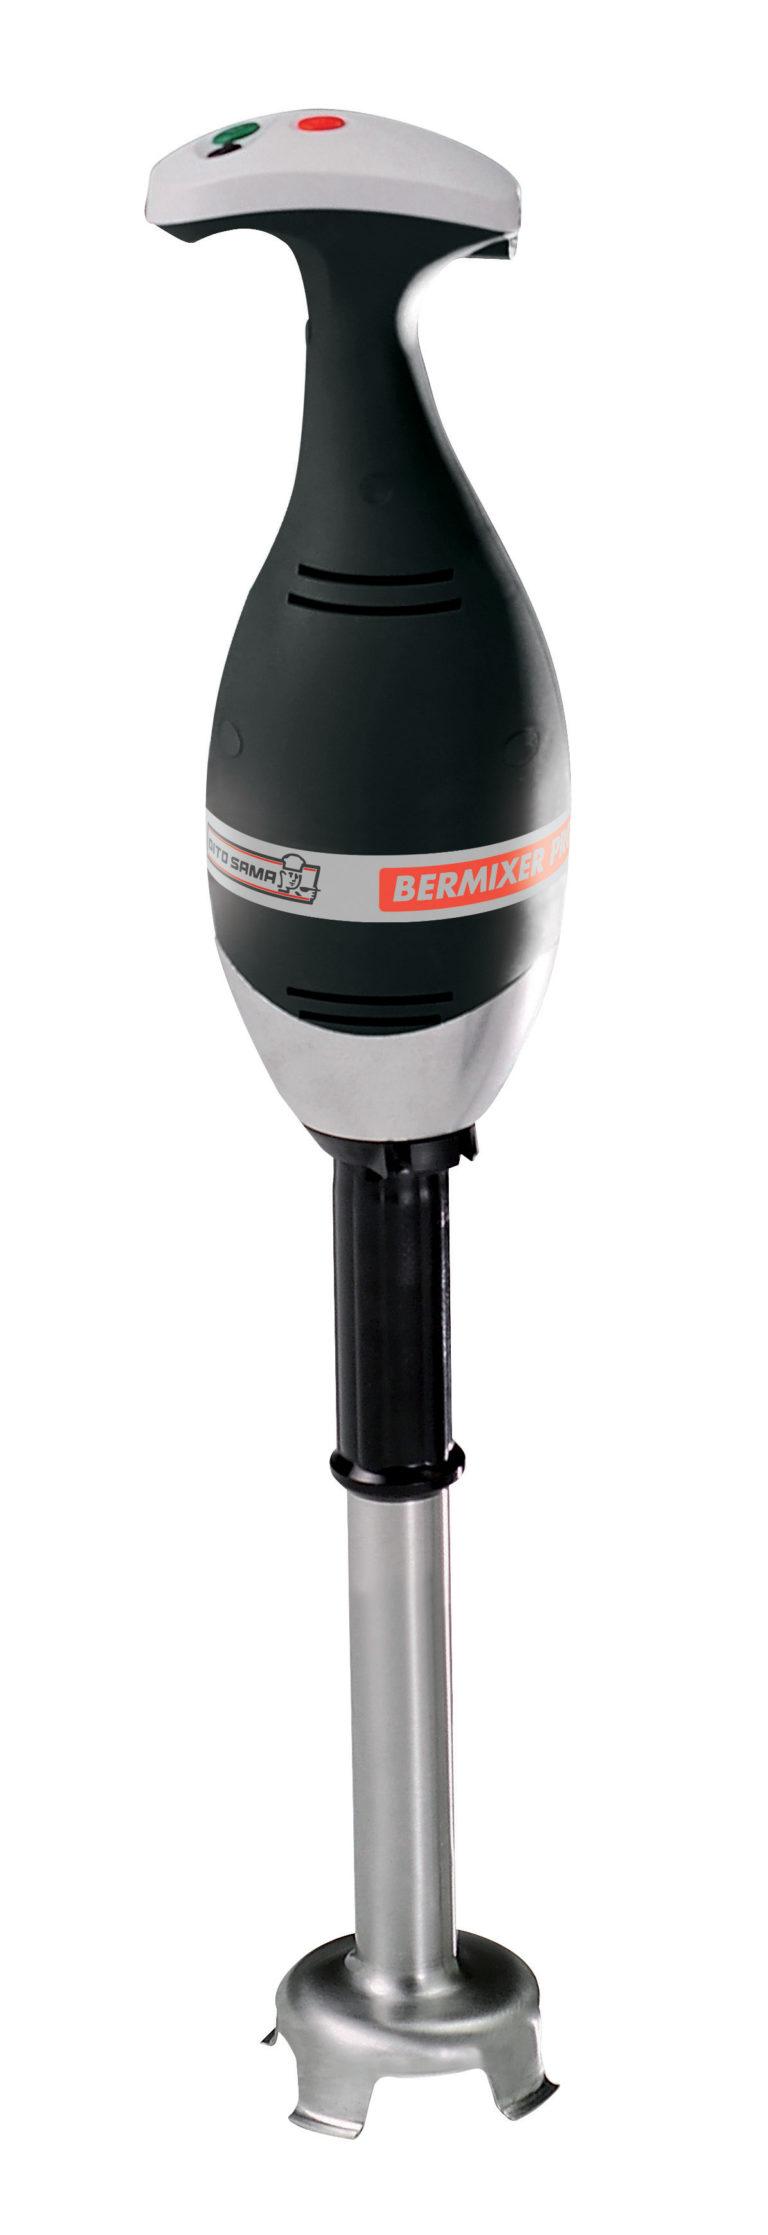 Beermixer pro 350W, stav 353 mm